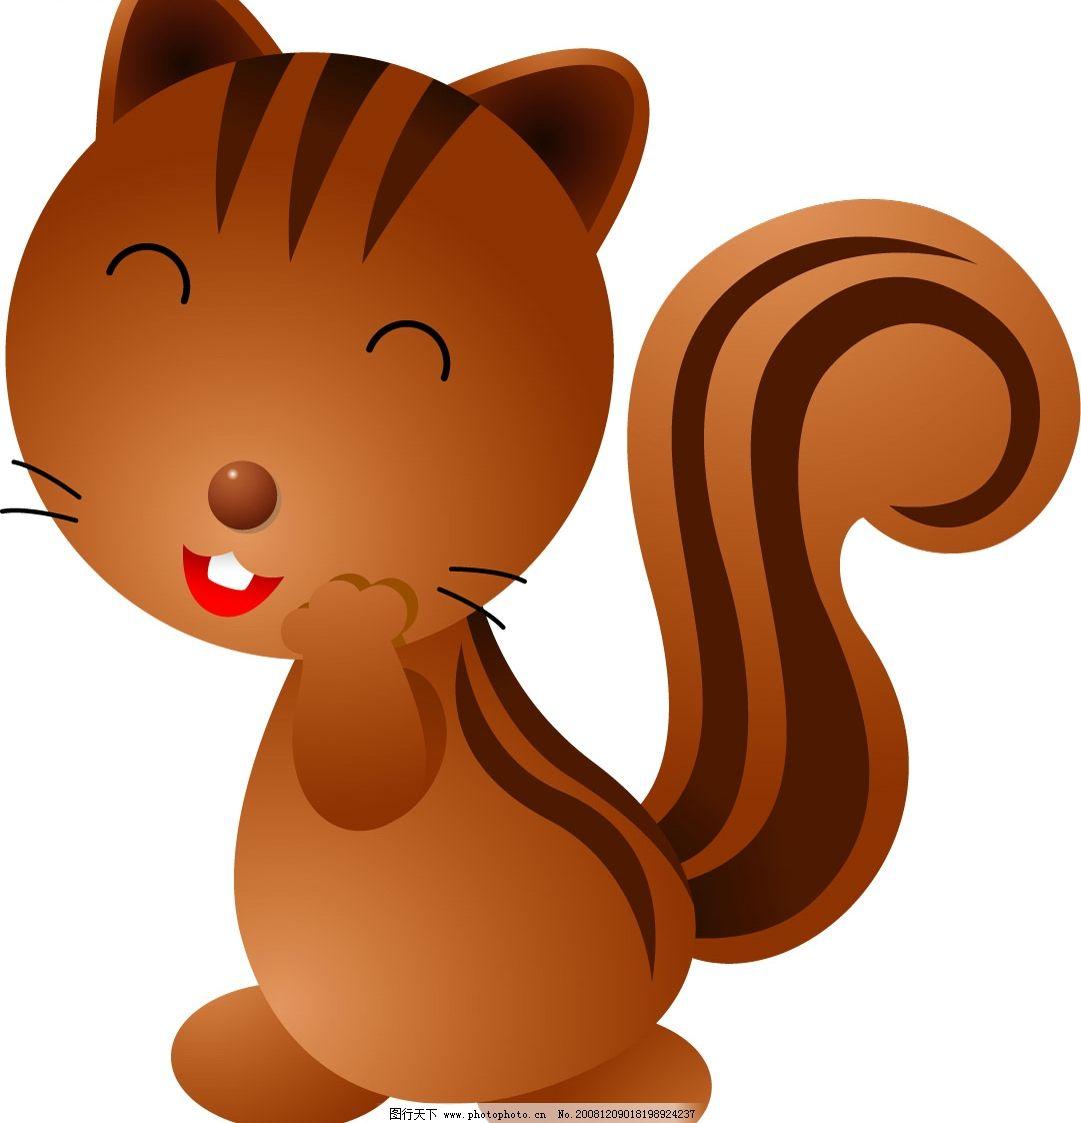 松鼠 矢量松鼠 可爱松鼠 矢量图库 可爱动物 ai